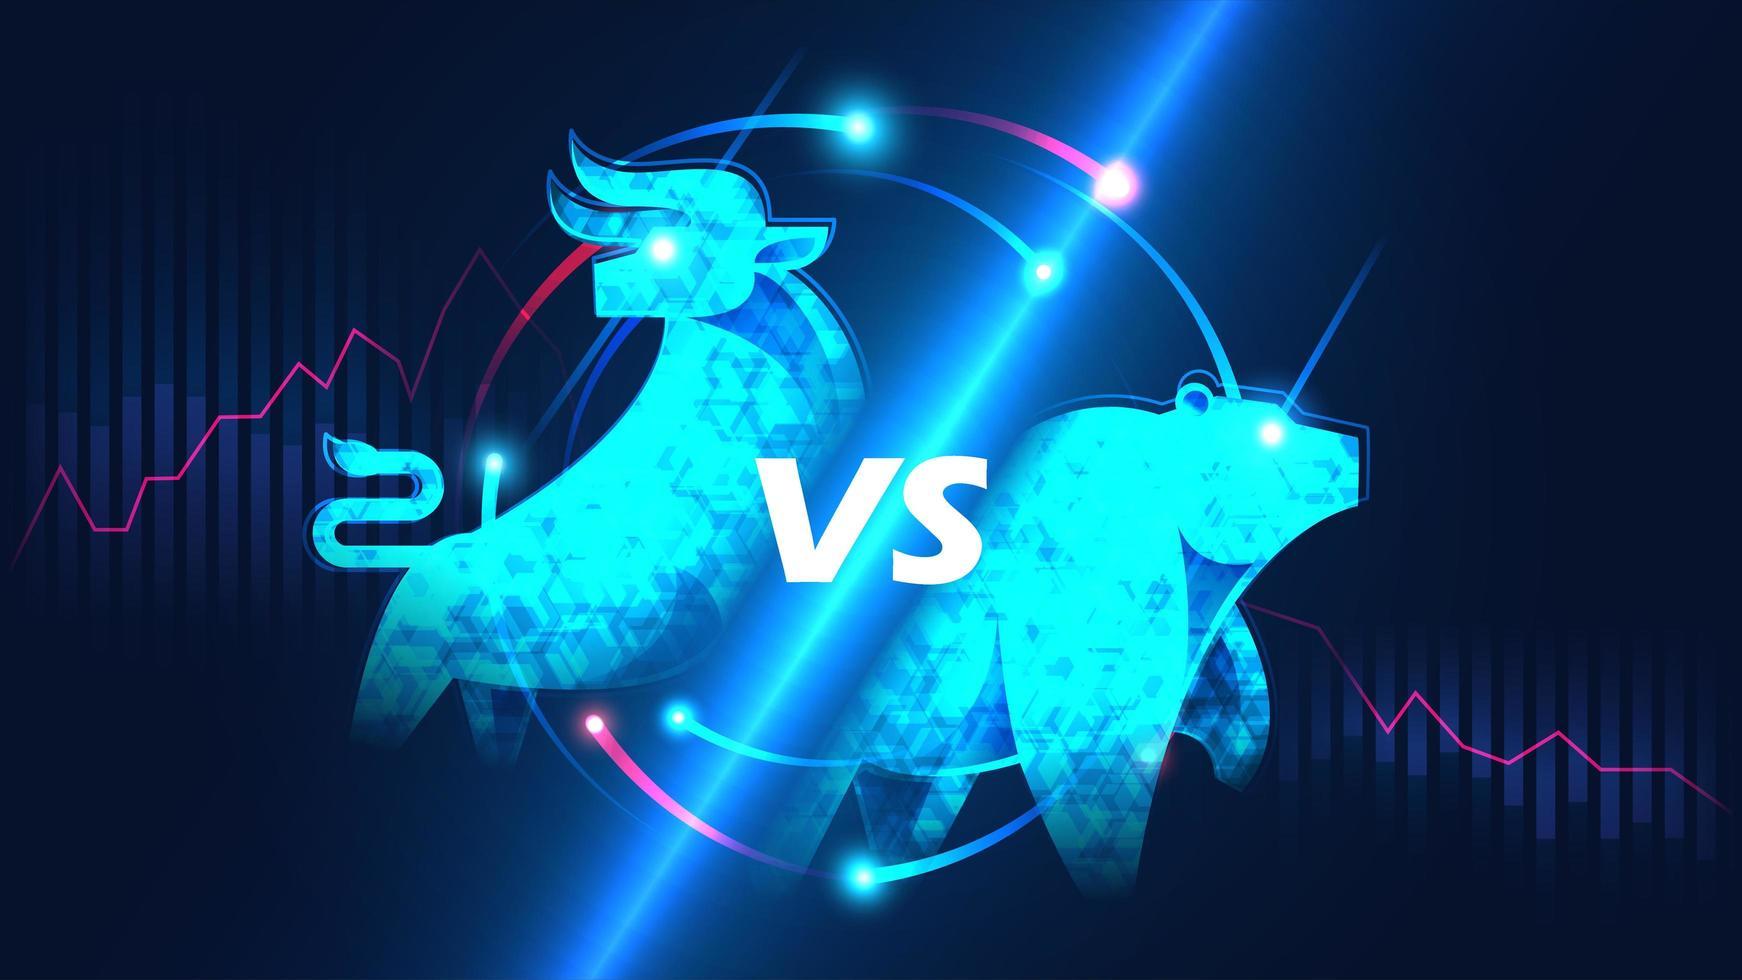 mercado de valores alcista versus bajista vector